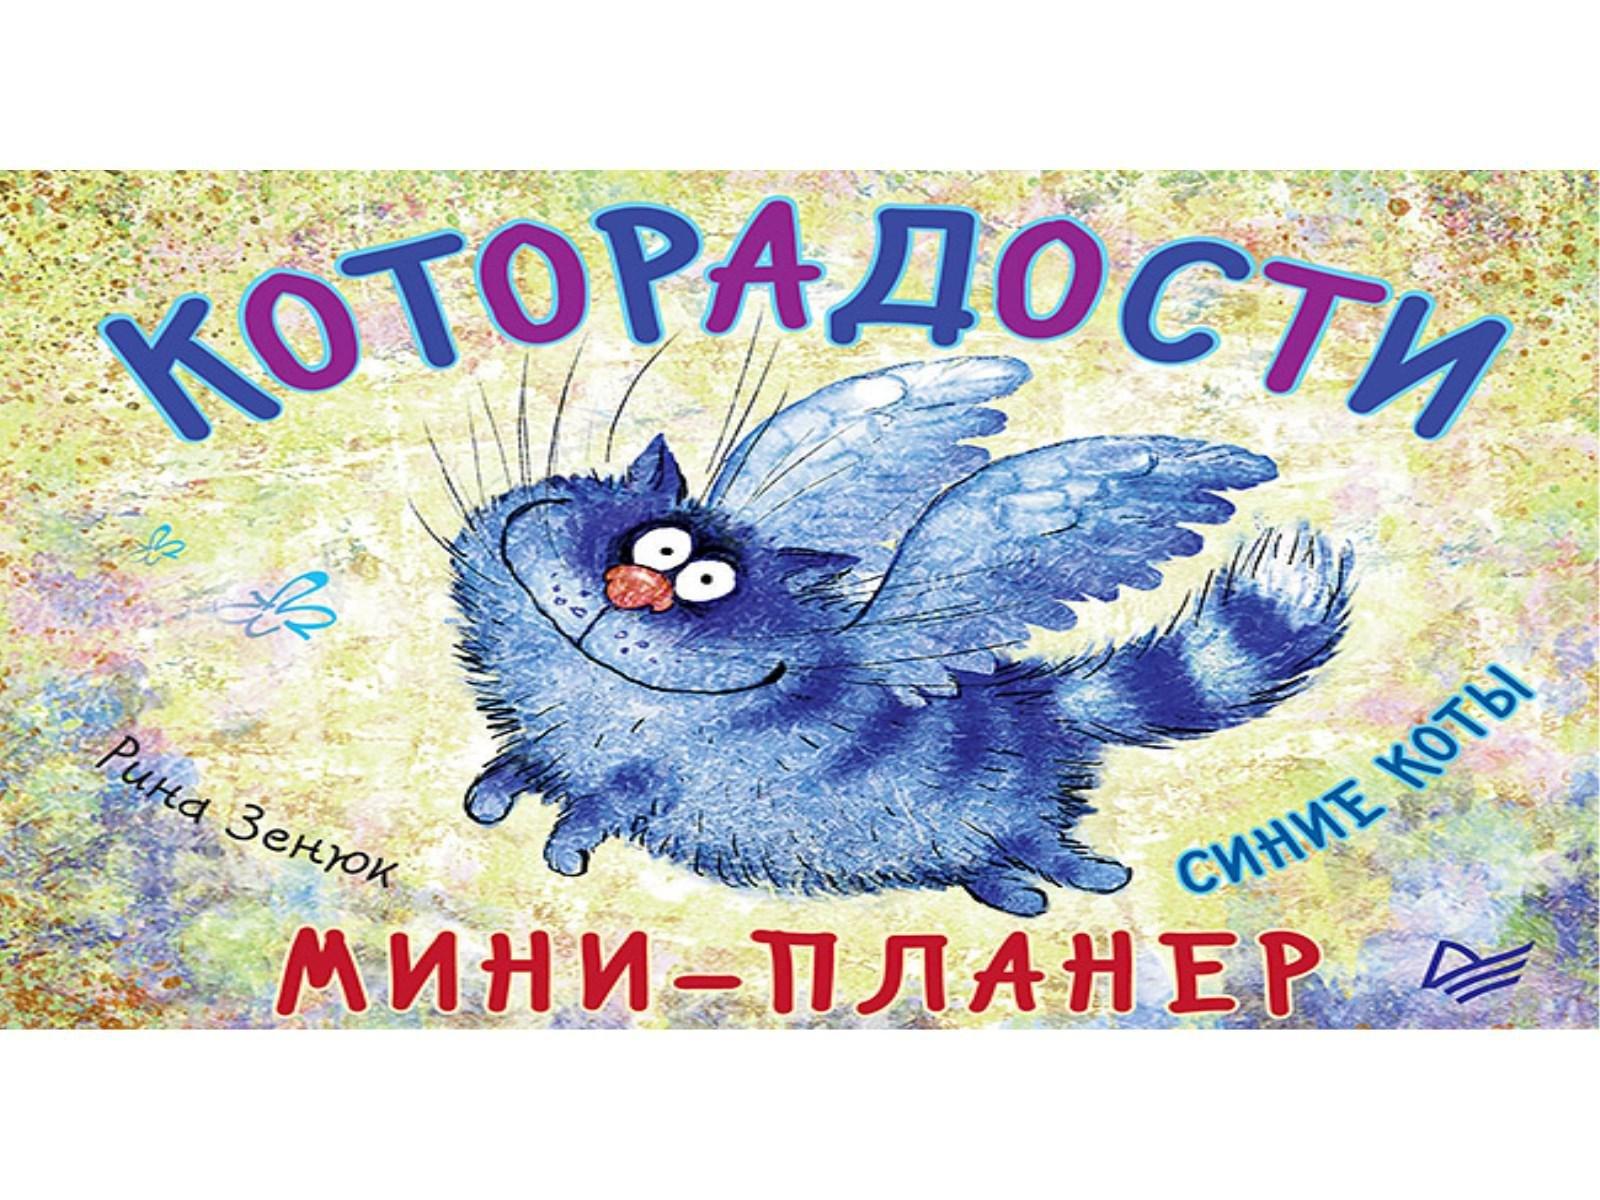 Фото - Мини-планер «Которадости. Синие коты», 64 страницы зенюк ирина мини планер котопамятки синие коты